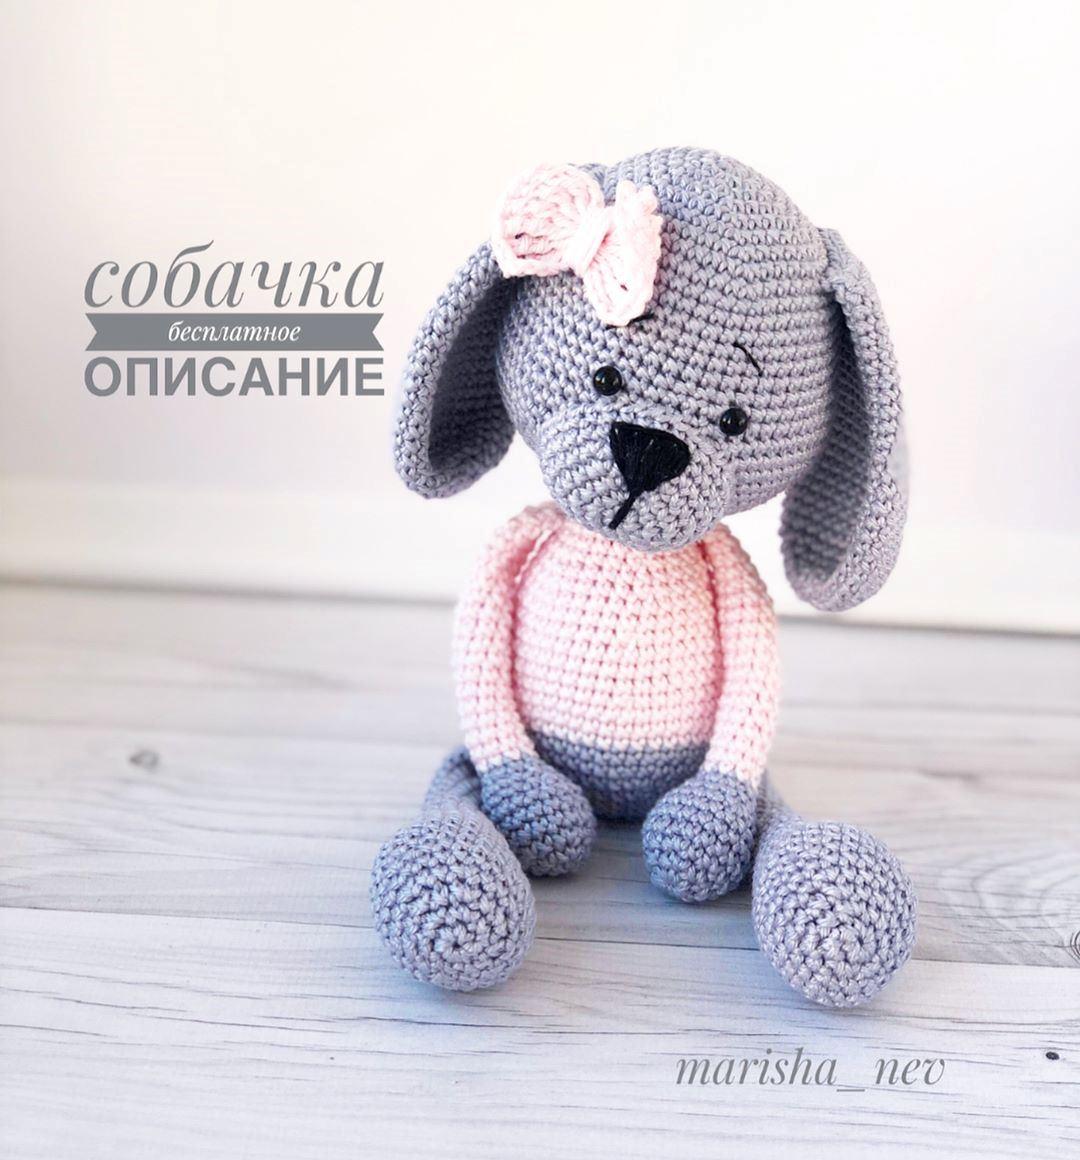 Crochet amigurumi dog